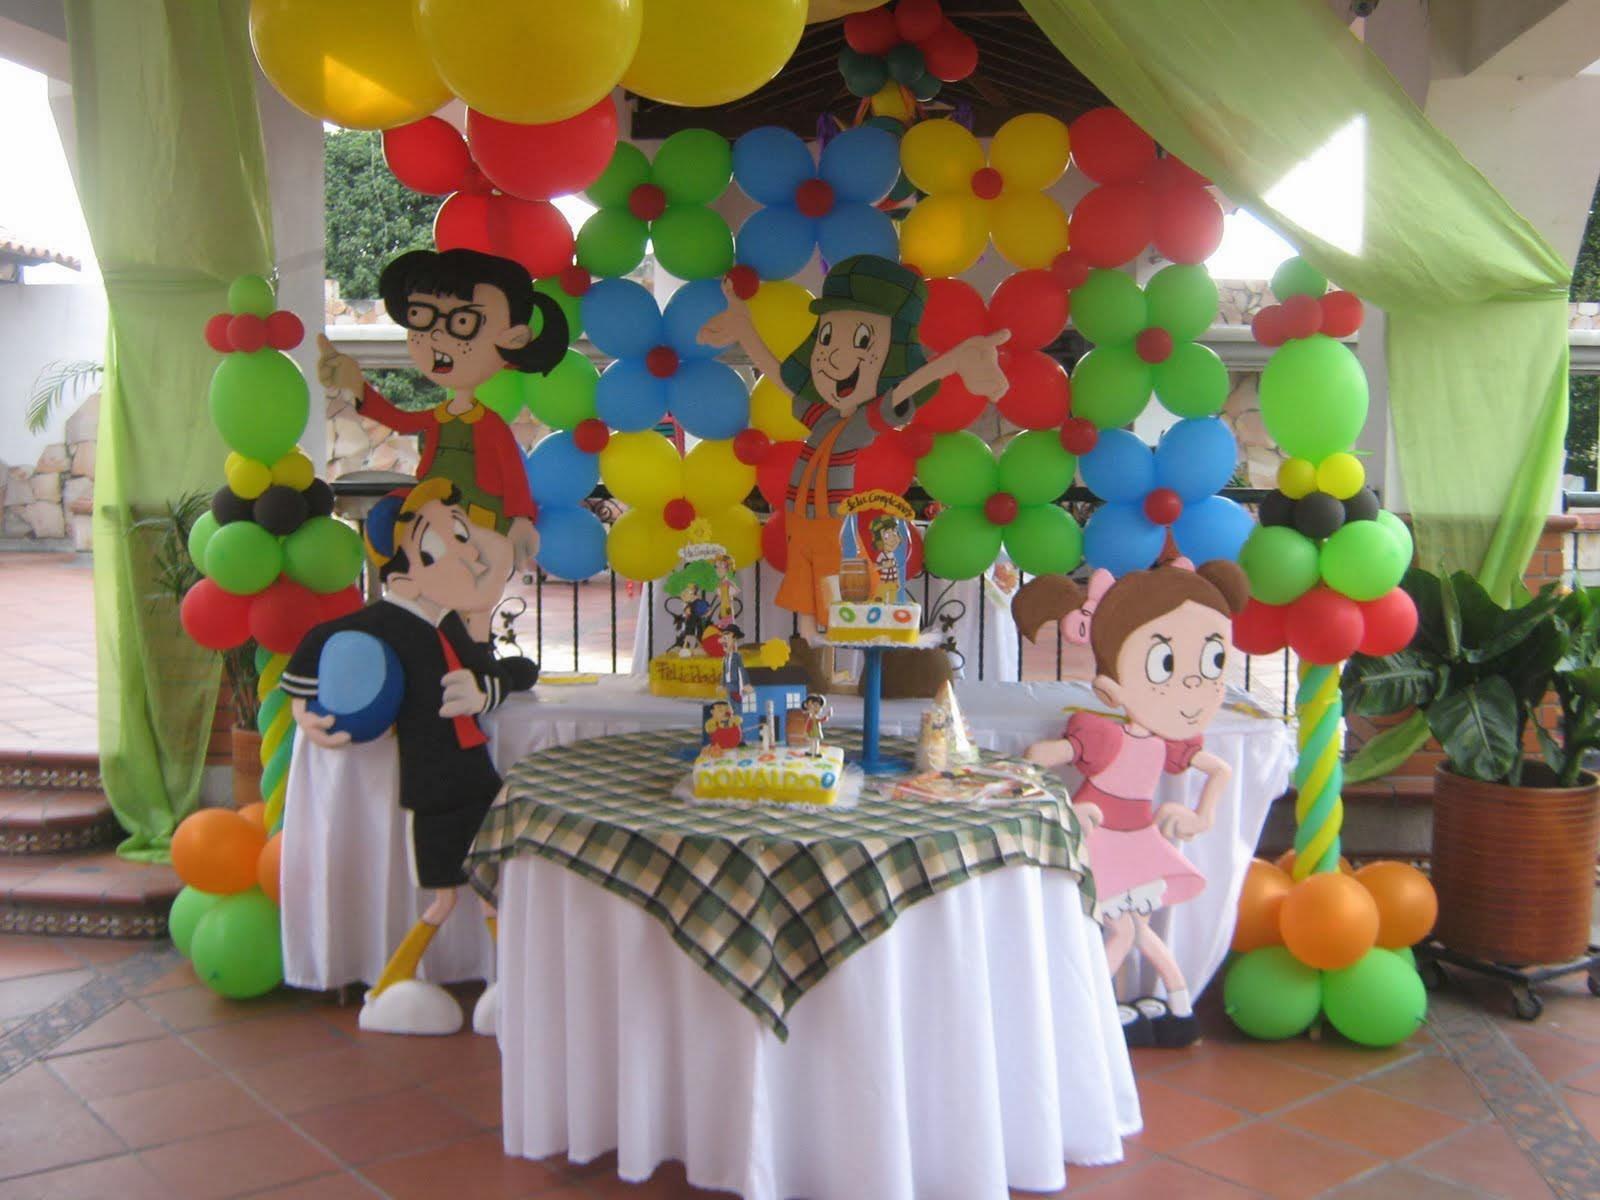 gallery of mas novedades de decoracin de fiestas infantiles y para otros eventos donde resaltara tu creativas with como preparar un cumpleaos infantil en - Como Preparar Una Fiesta De Cumpleaos